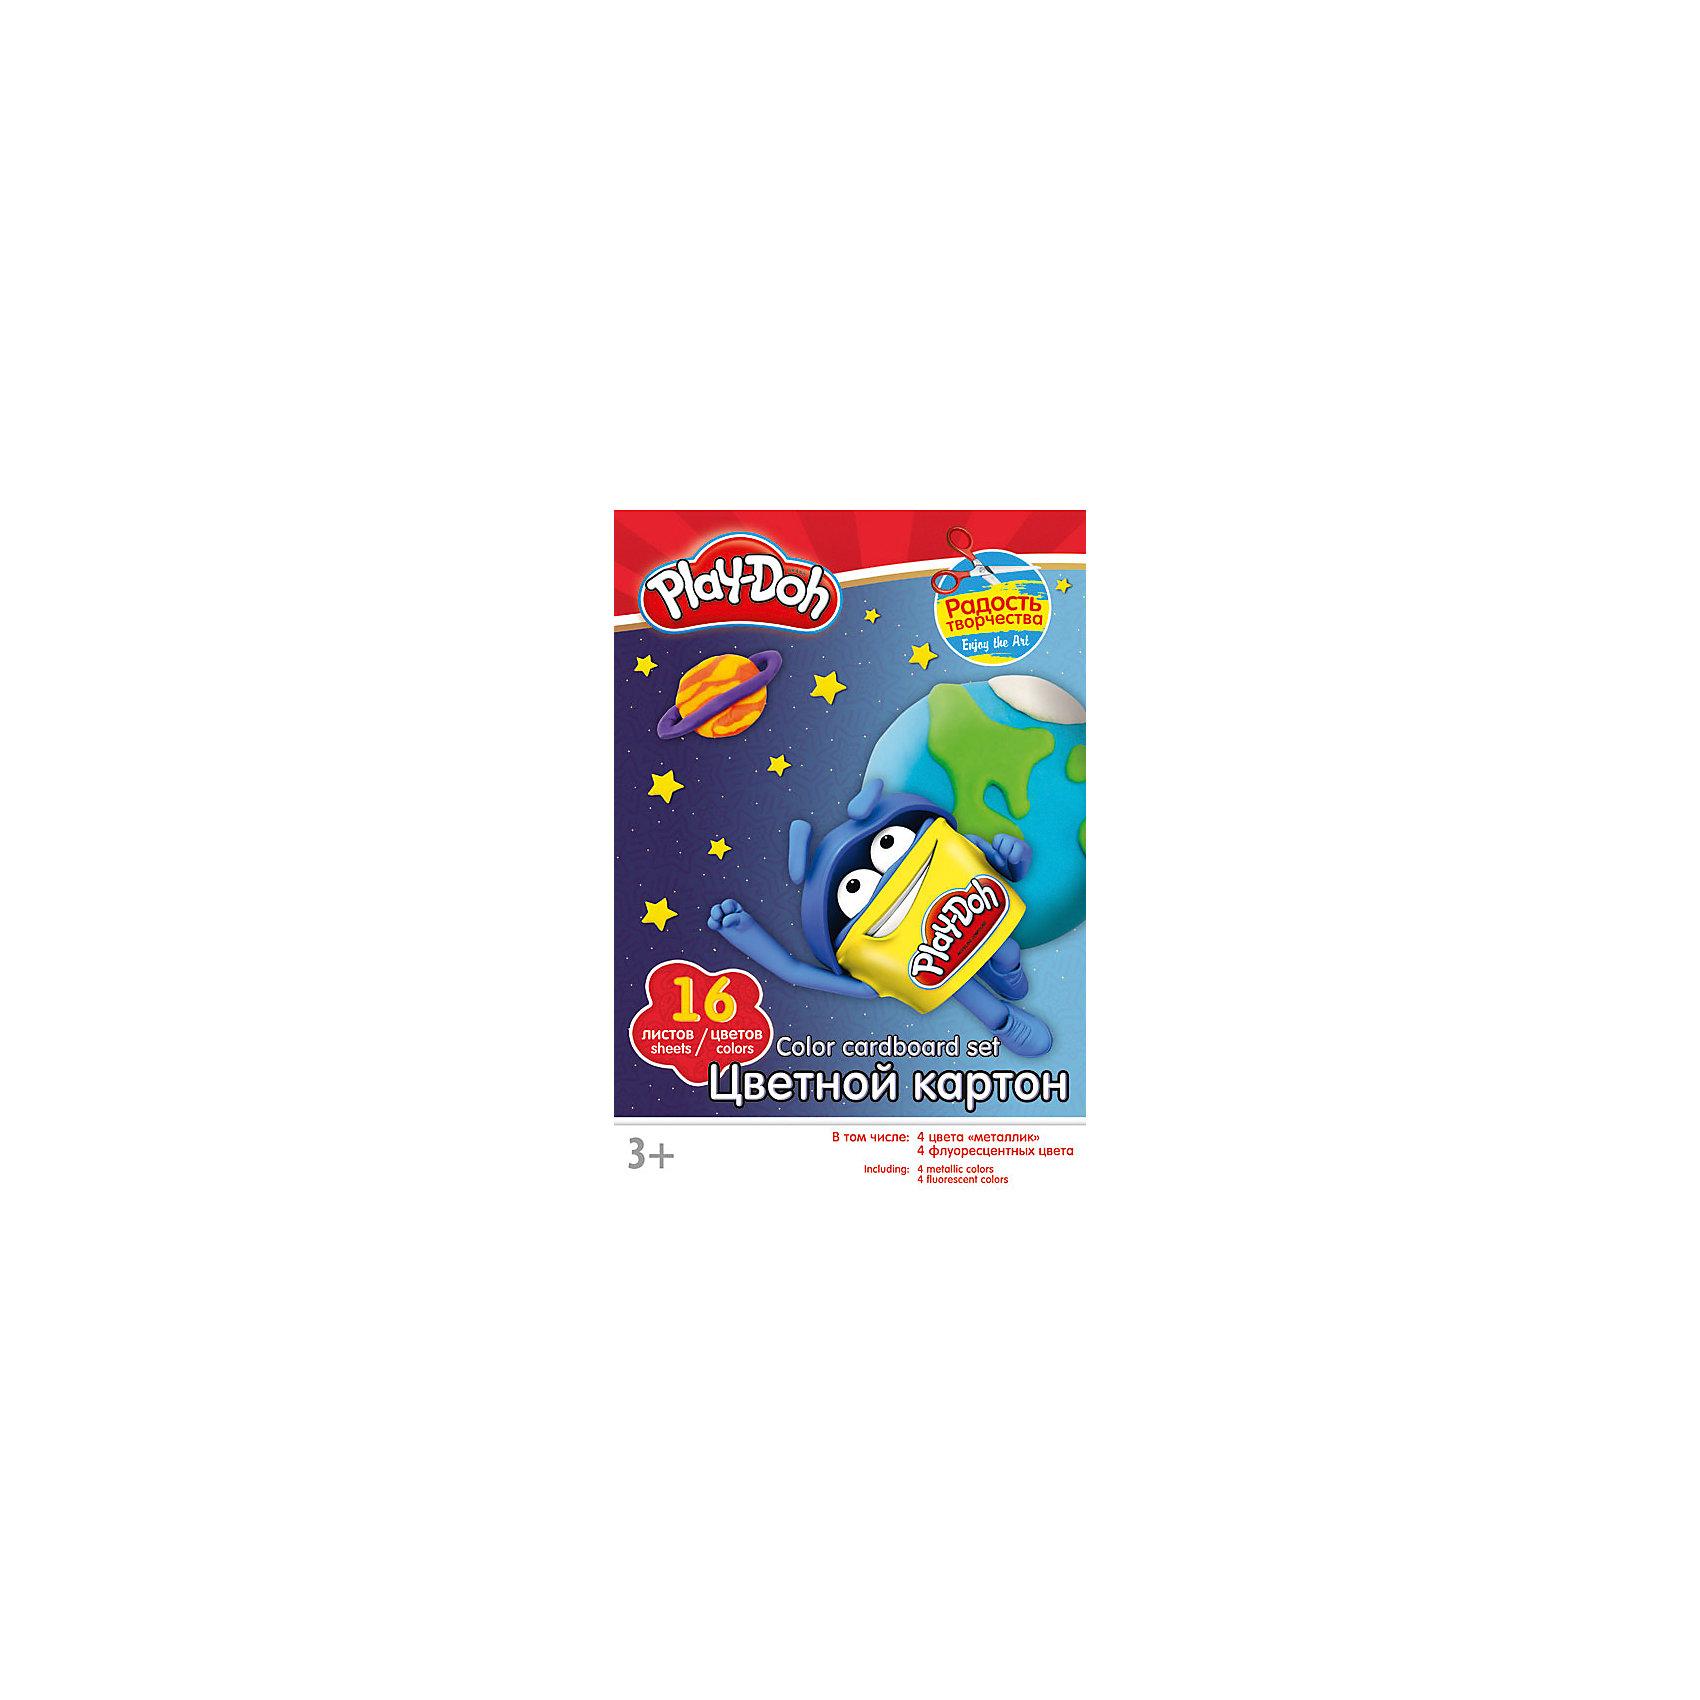 Академия групп Цветной картон 16 цветов, Play-Doh hasbro play doh игровой набор из 3 цветов цвета в ассортименте с 2 лет